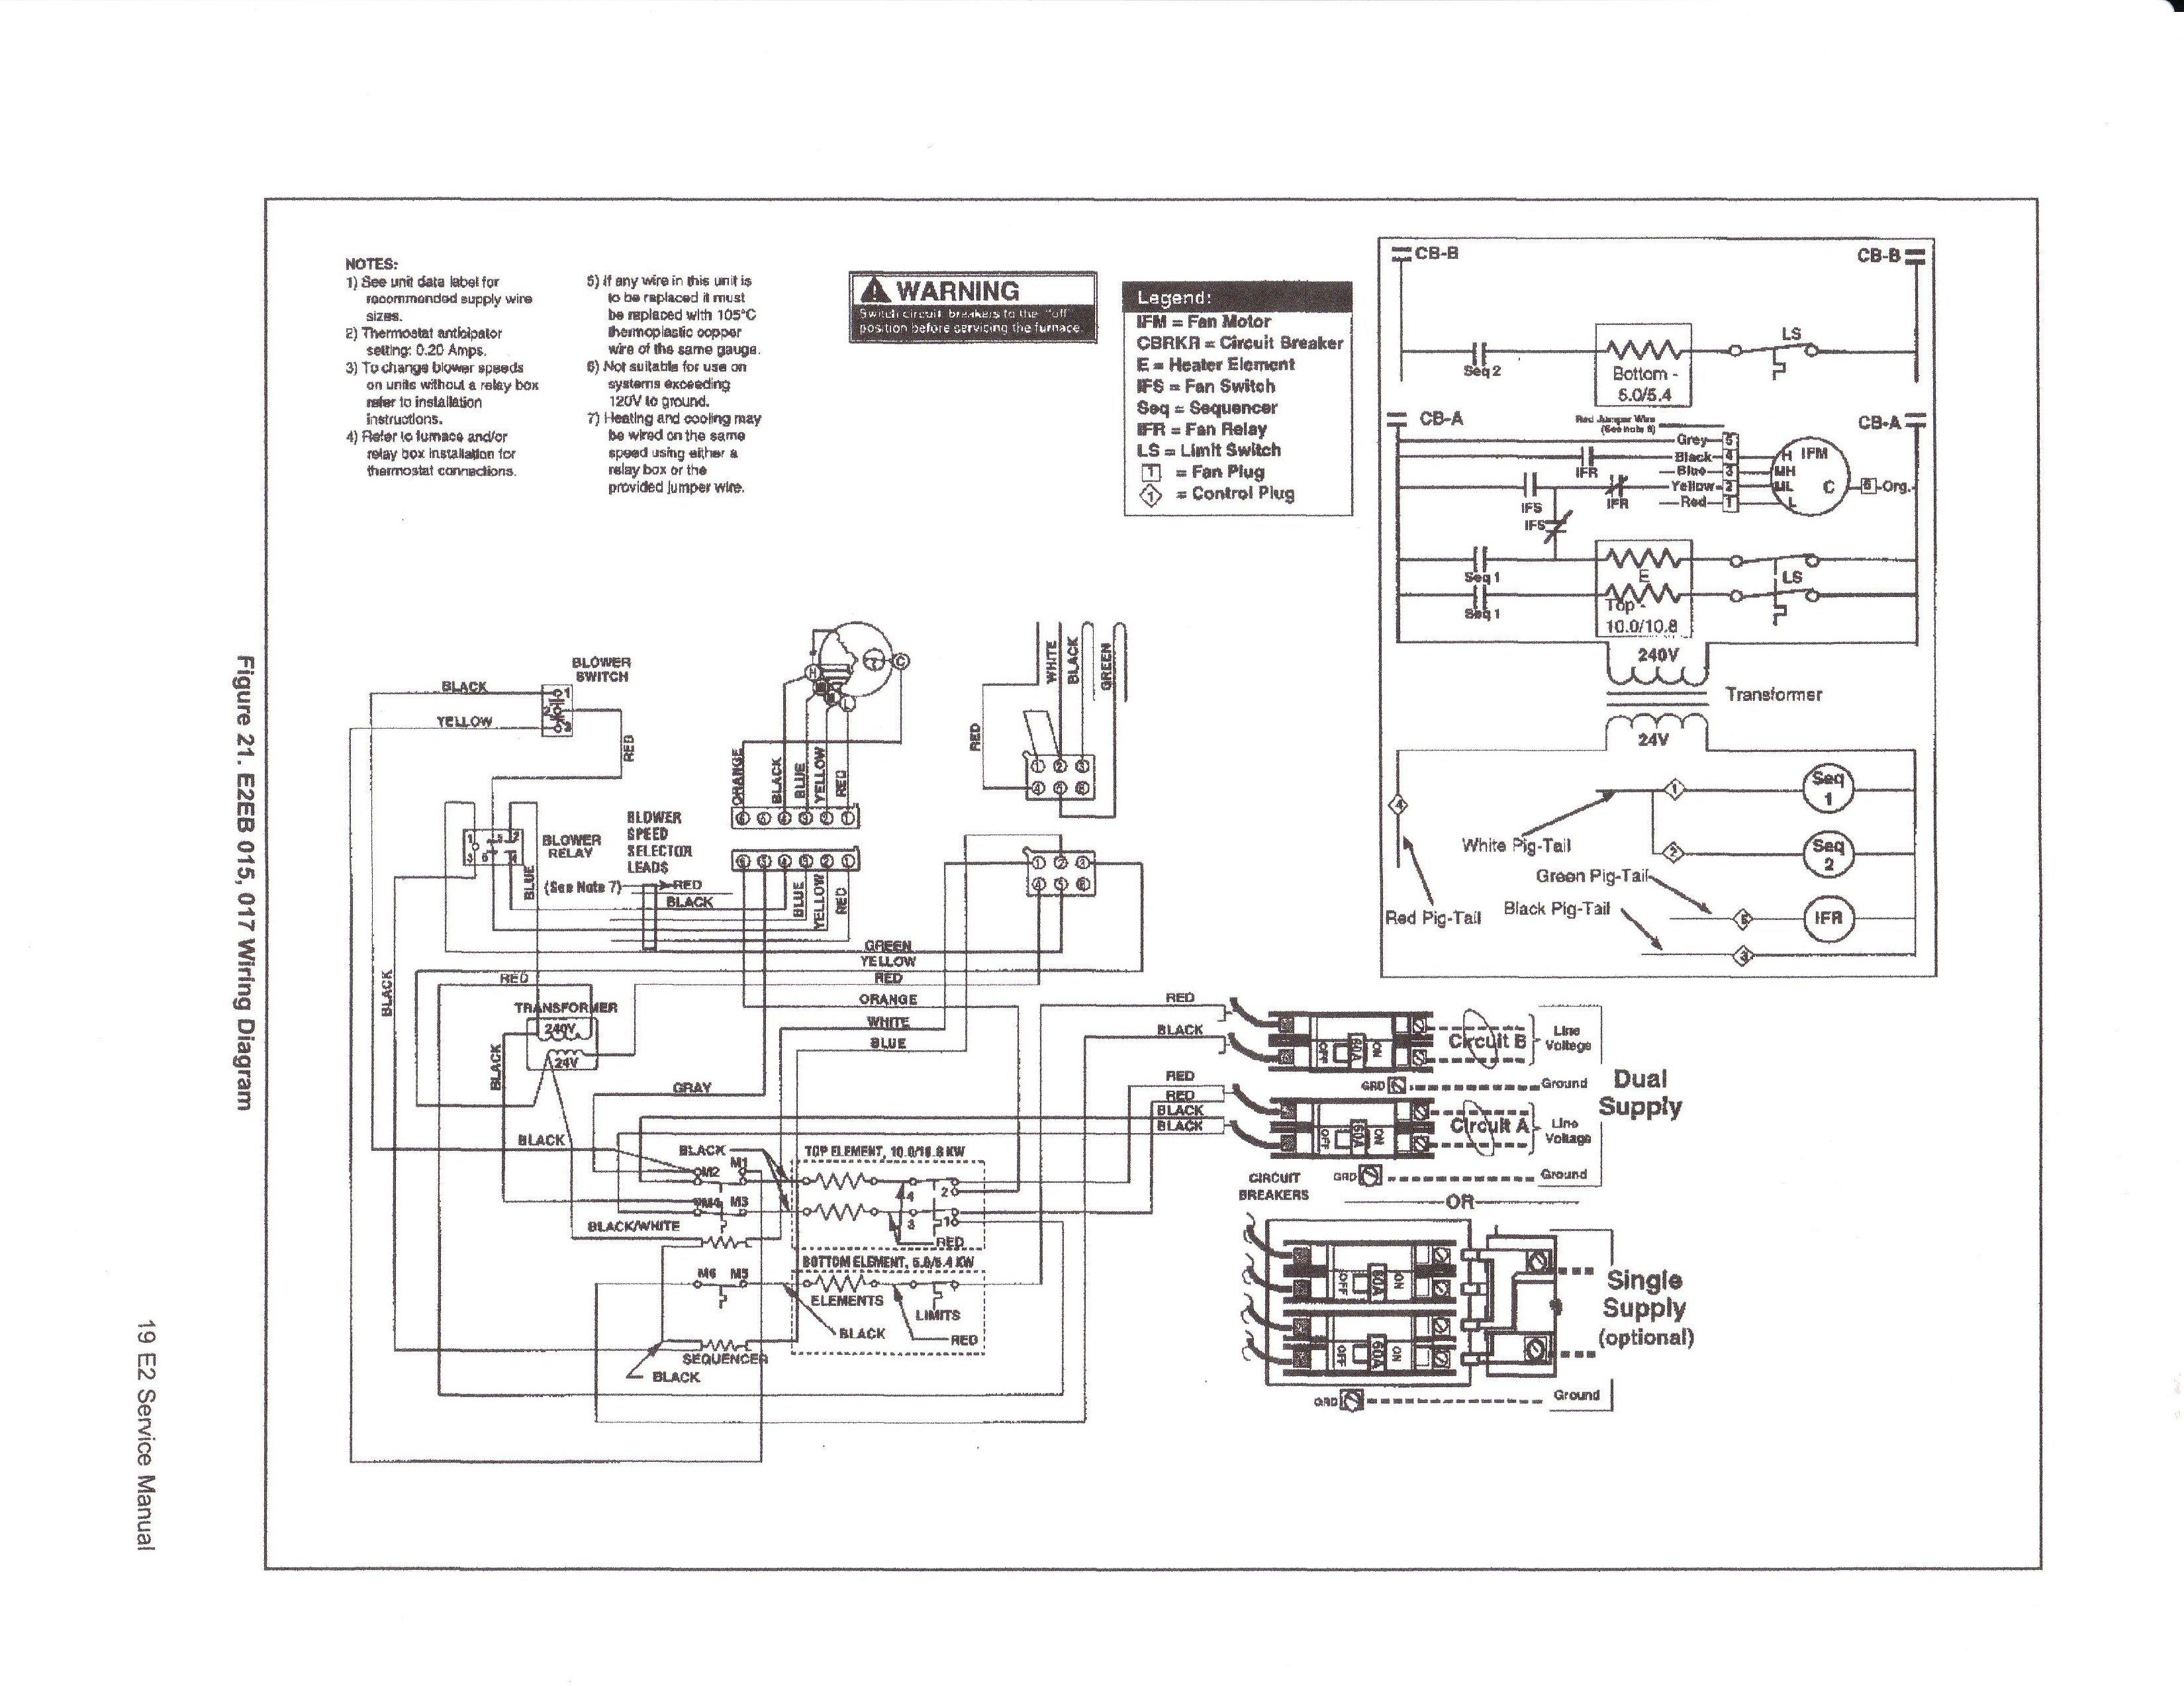 Nordyne Gas Furnace Wiring Schematics - Wiring Diagram K10 on